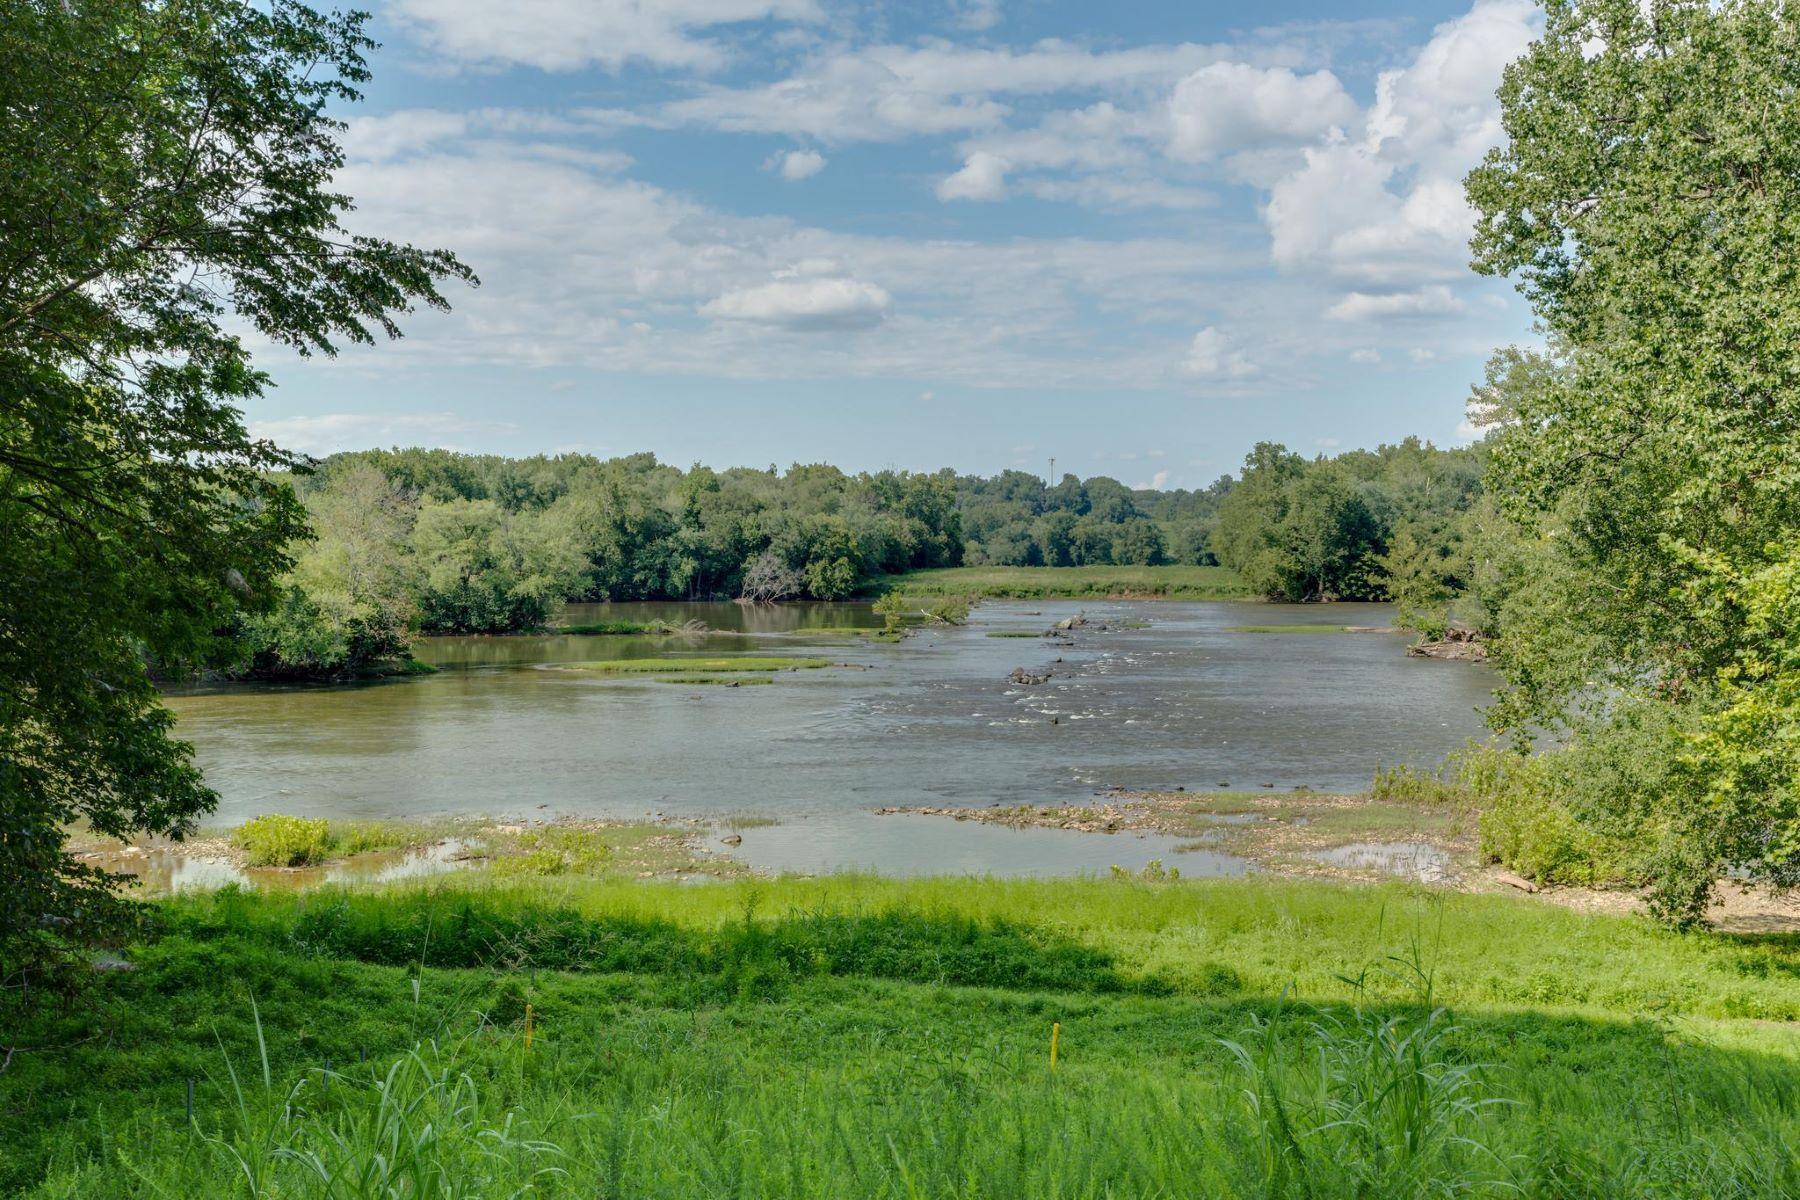 土地,用地 为 销售 在 9214 Potomac Ridge Rd 大瀑布城, 弗吉尼亚州 22066 美国